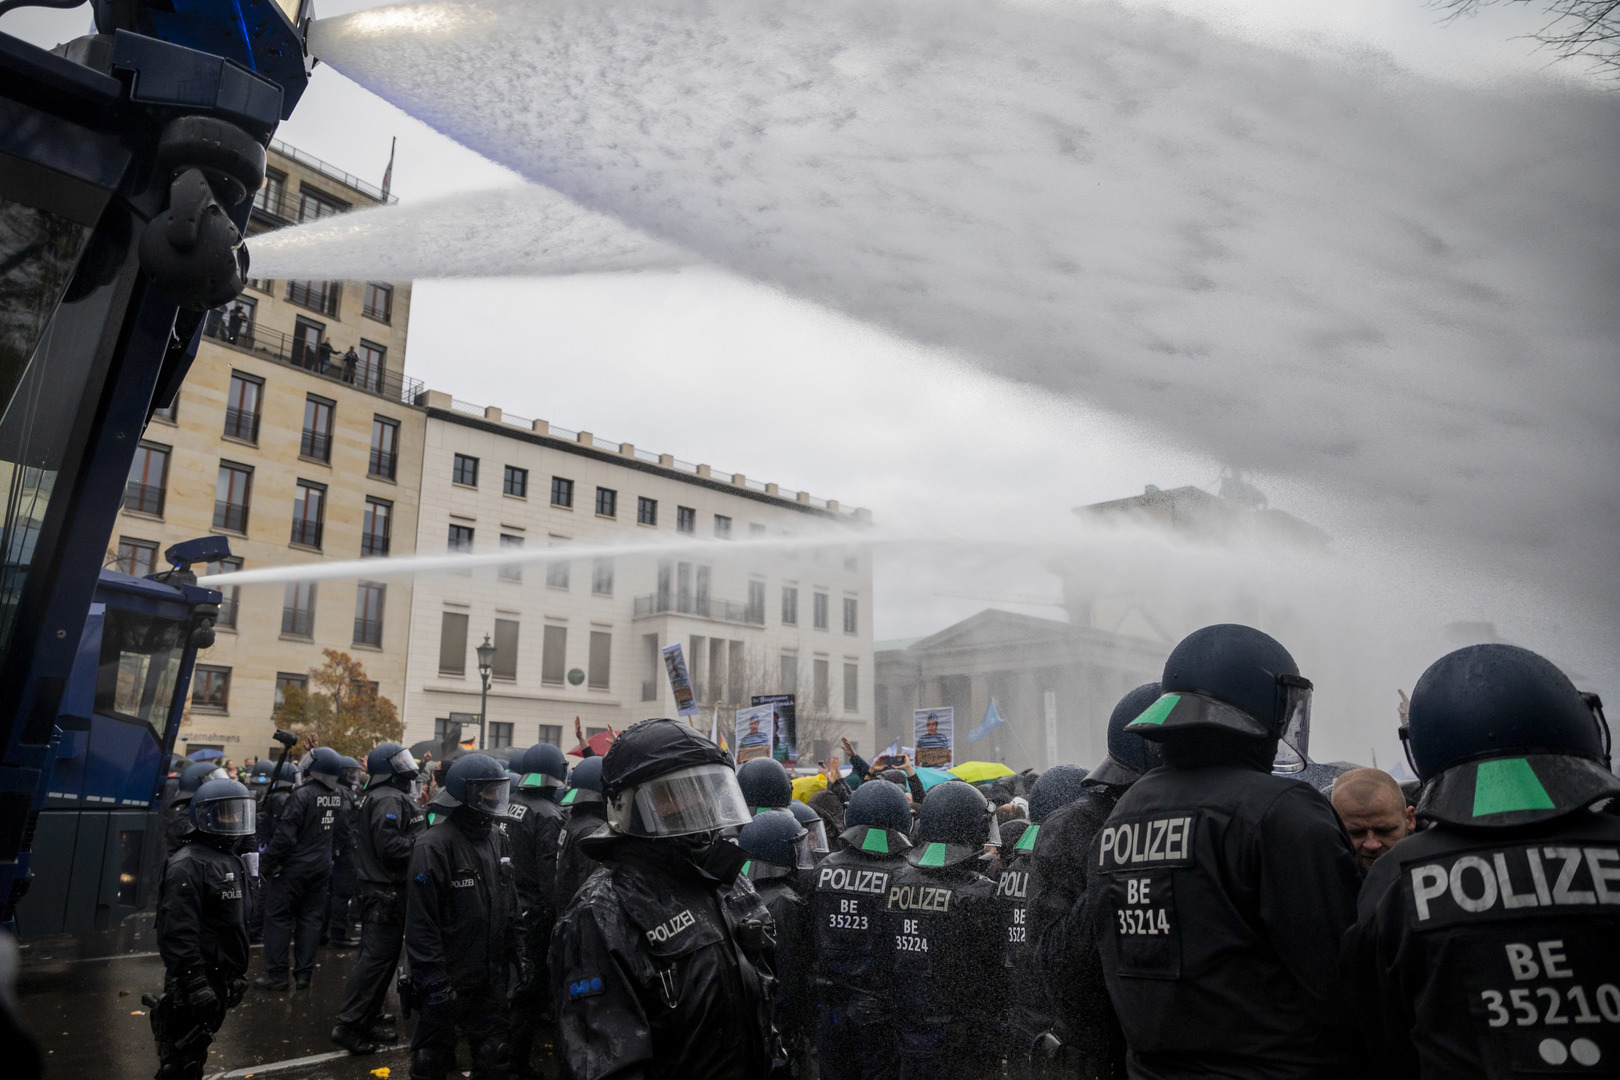 Die Einsatzleitung entschied sich, die Demo aufzulösen und setzte Wasserwerfer ein.